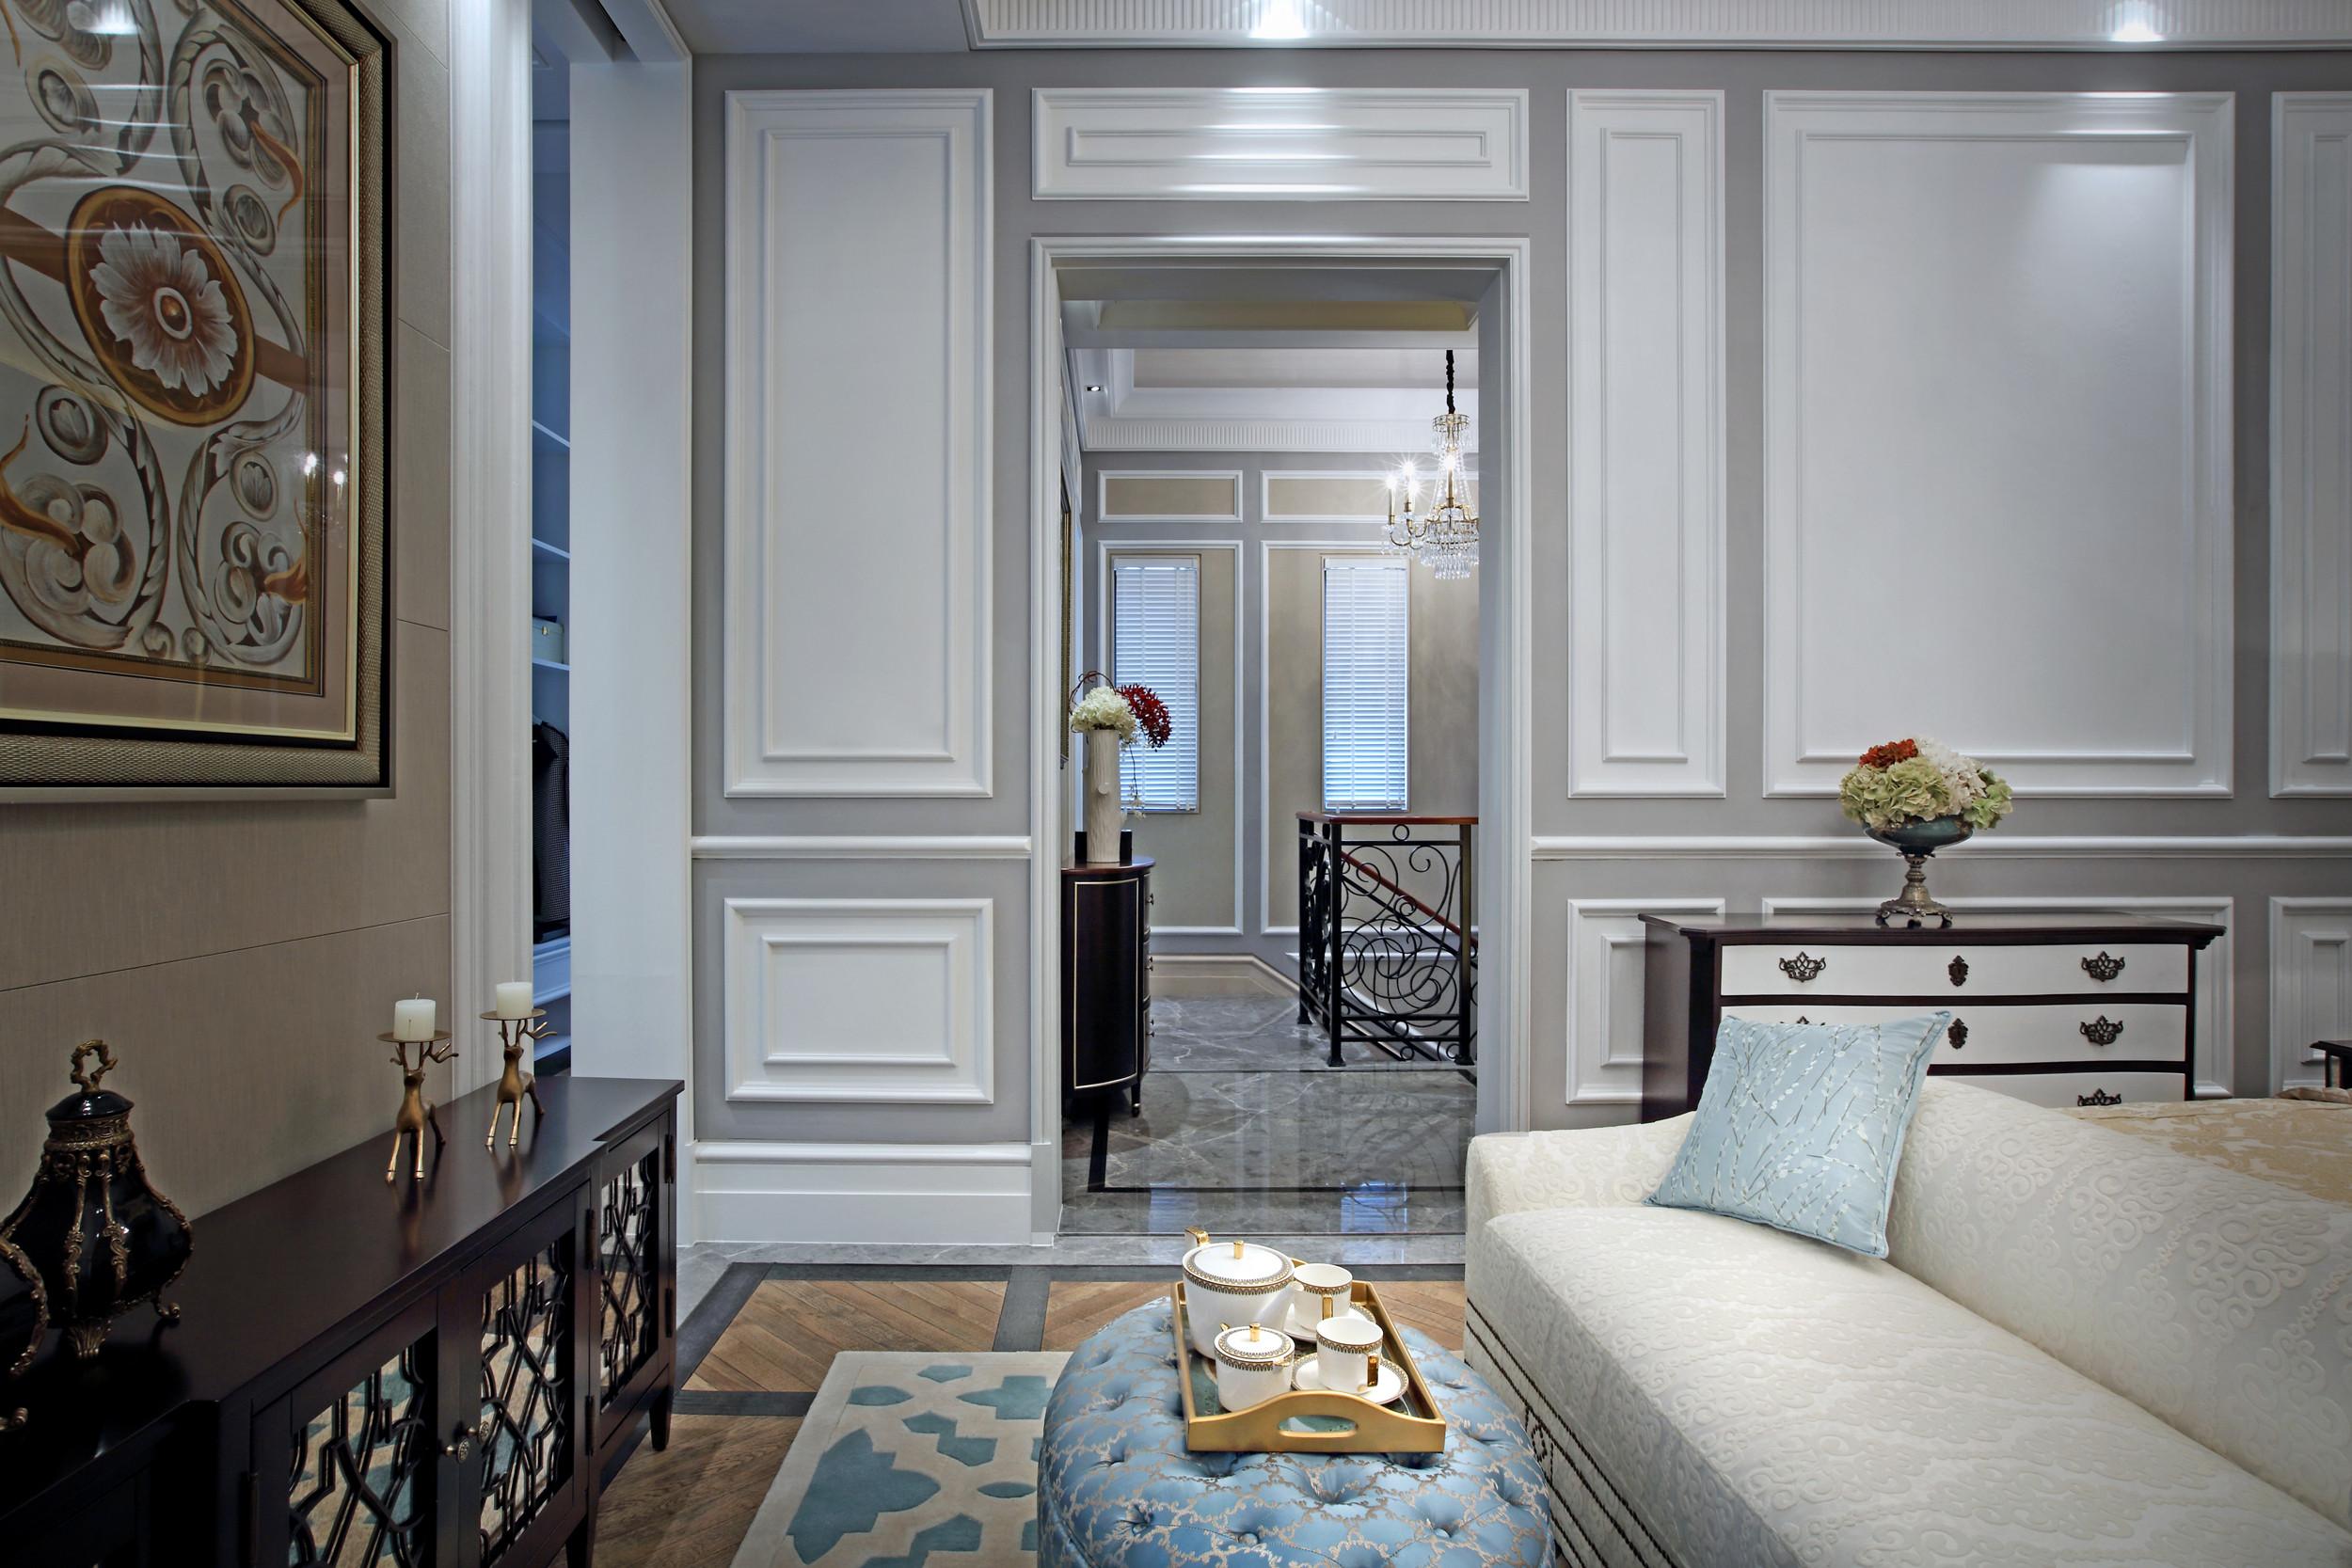 高贵奢华欧式别墅装修起居室设计图